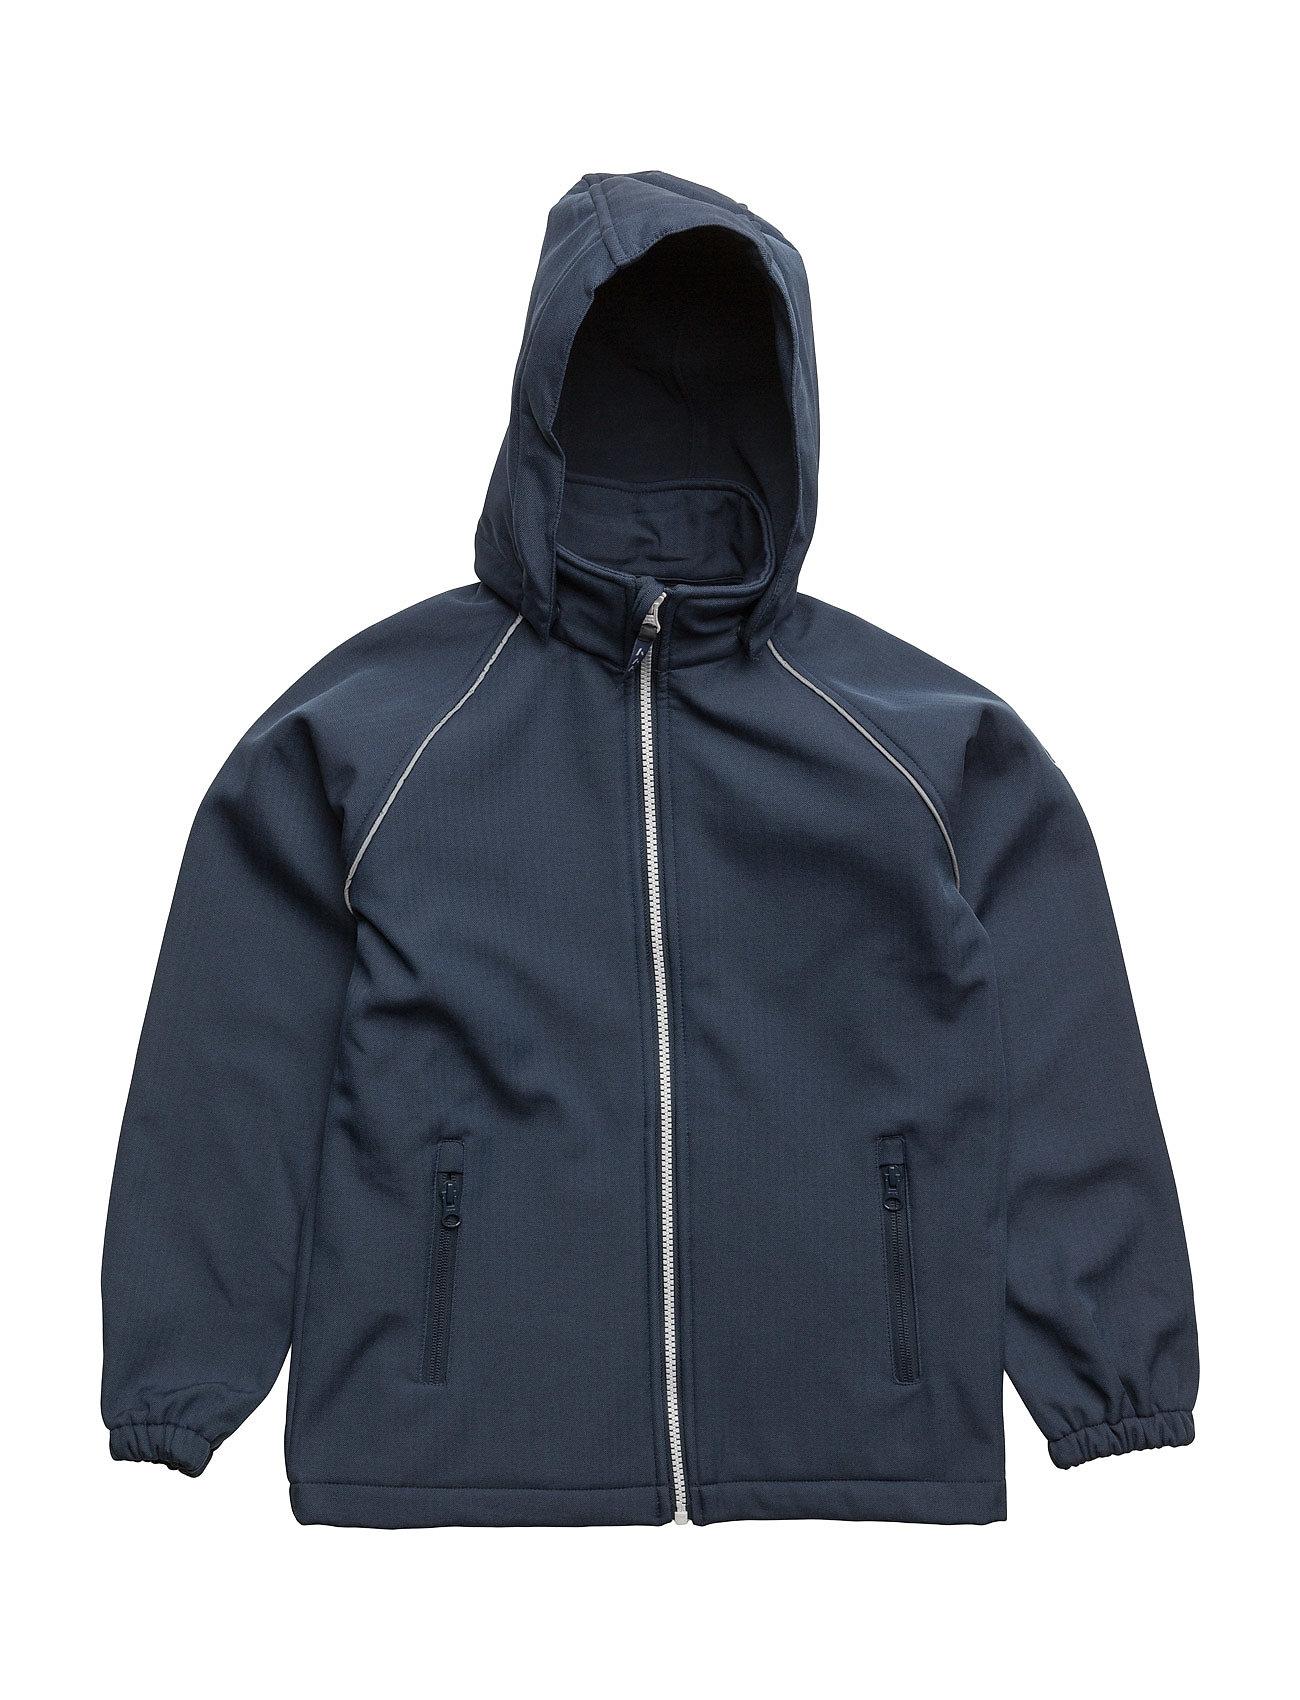 name it Nitalfa softshell jacket hb blue nmt fo fra boozt.com dk